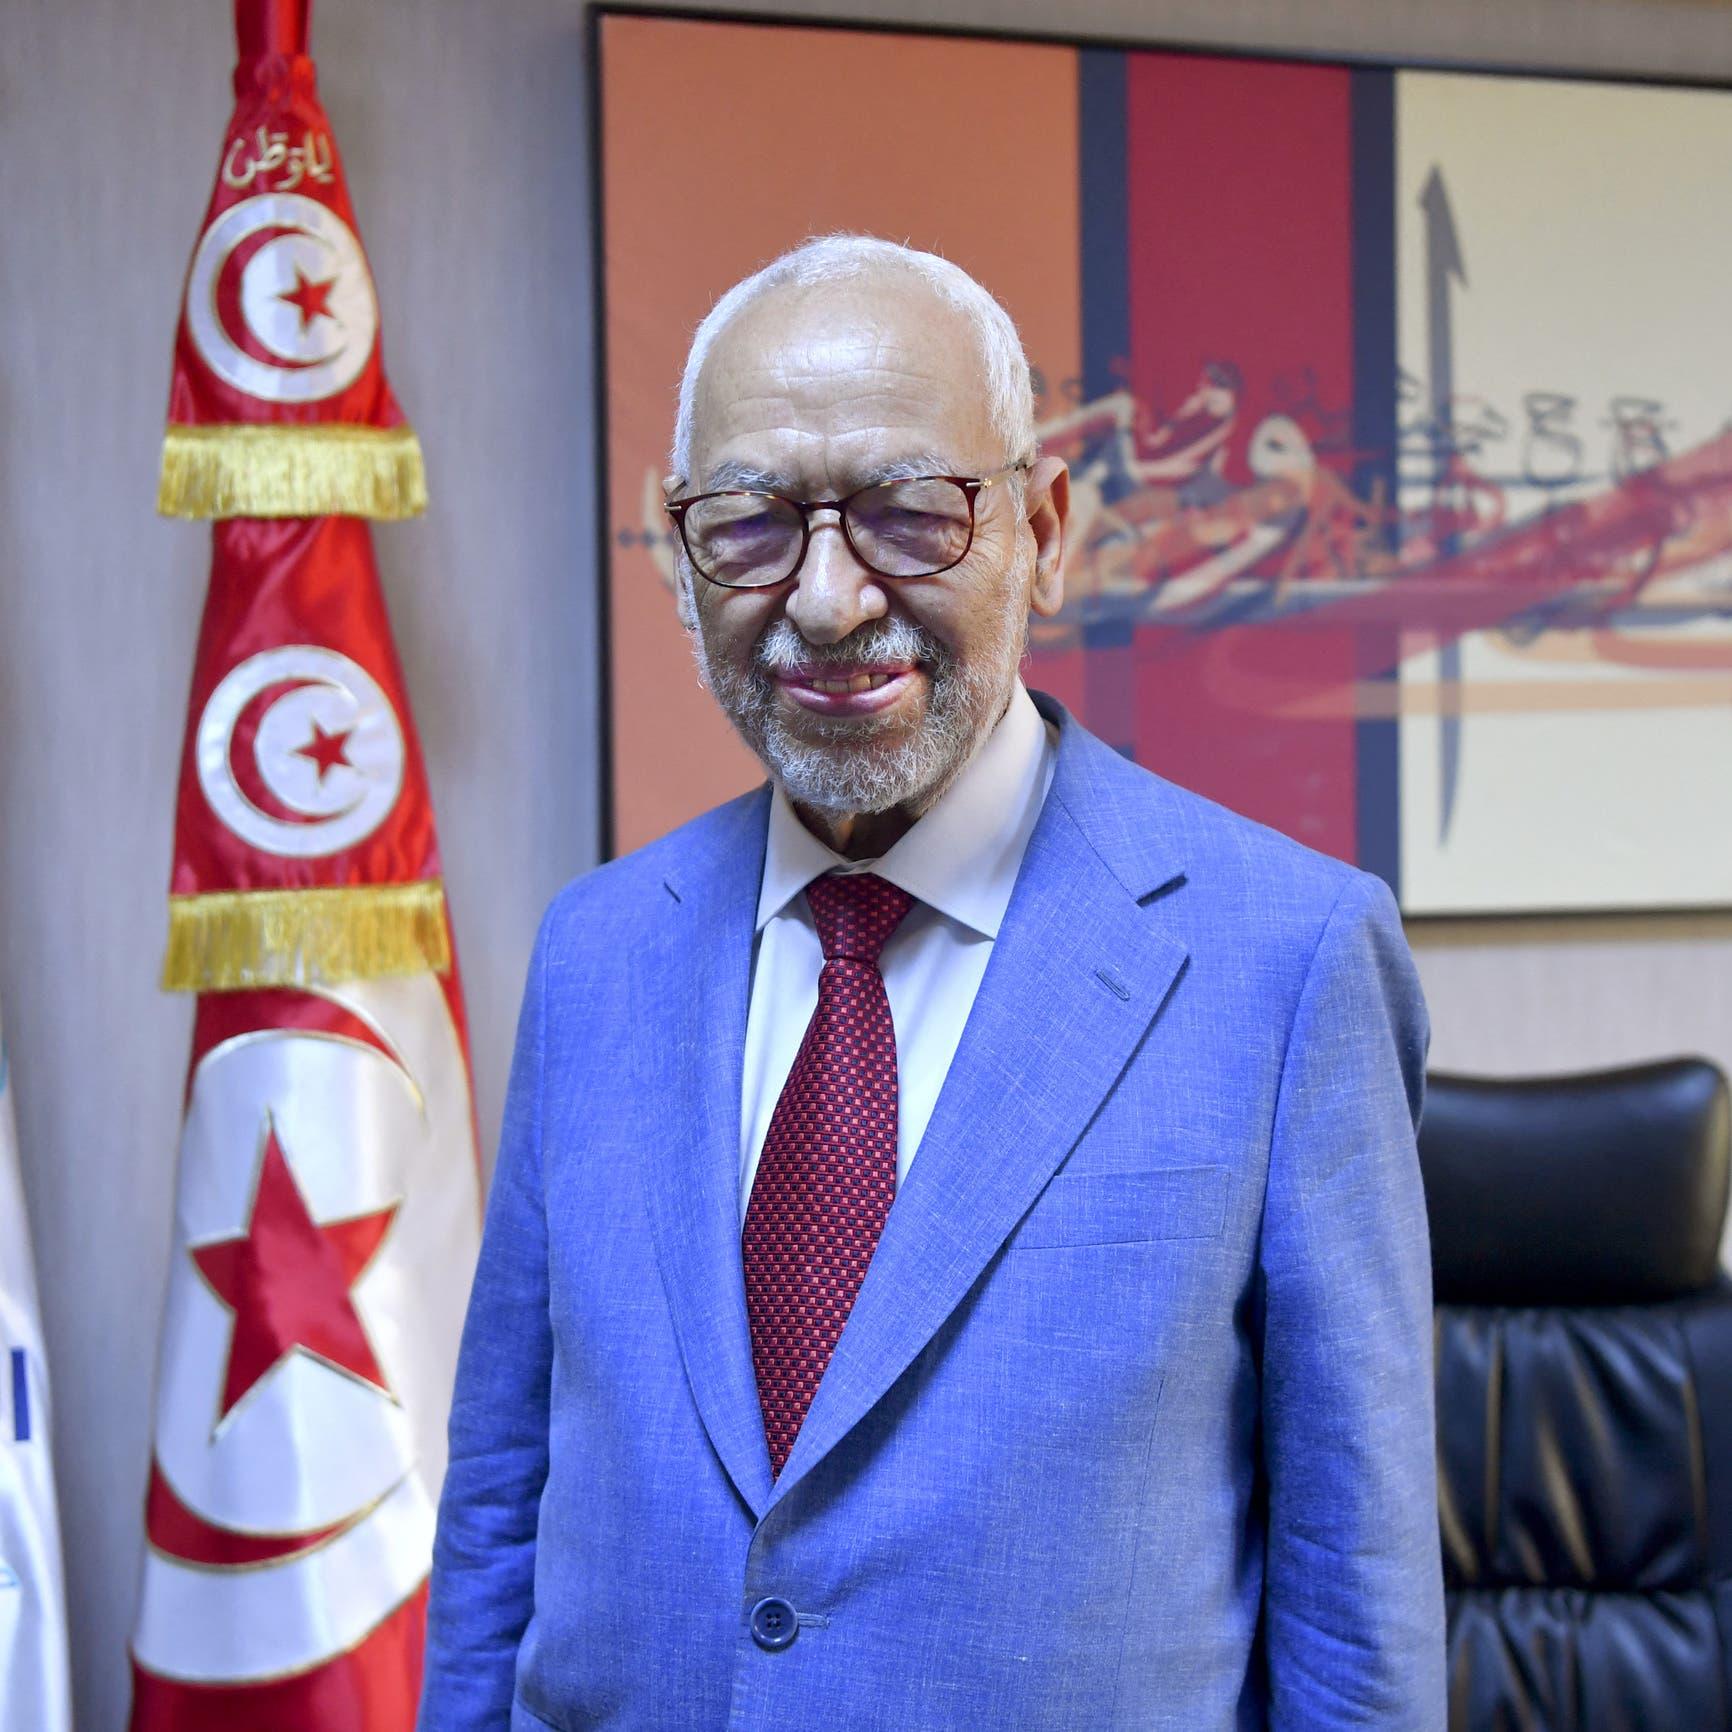 """دعوة الغنوشي تثير موجة انتقادات بتونس.. """"تمرد إخواني"""""""